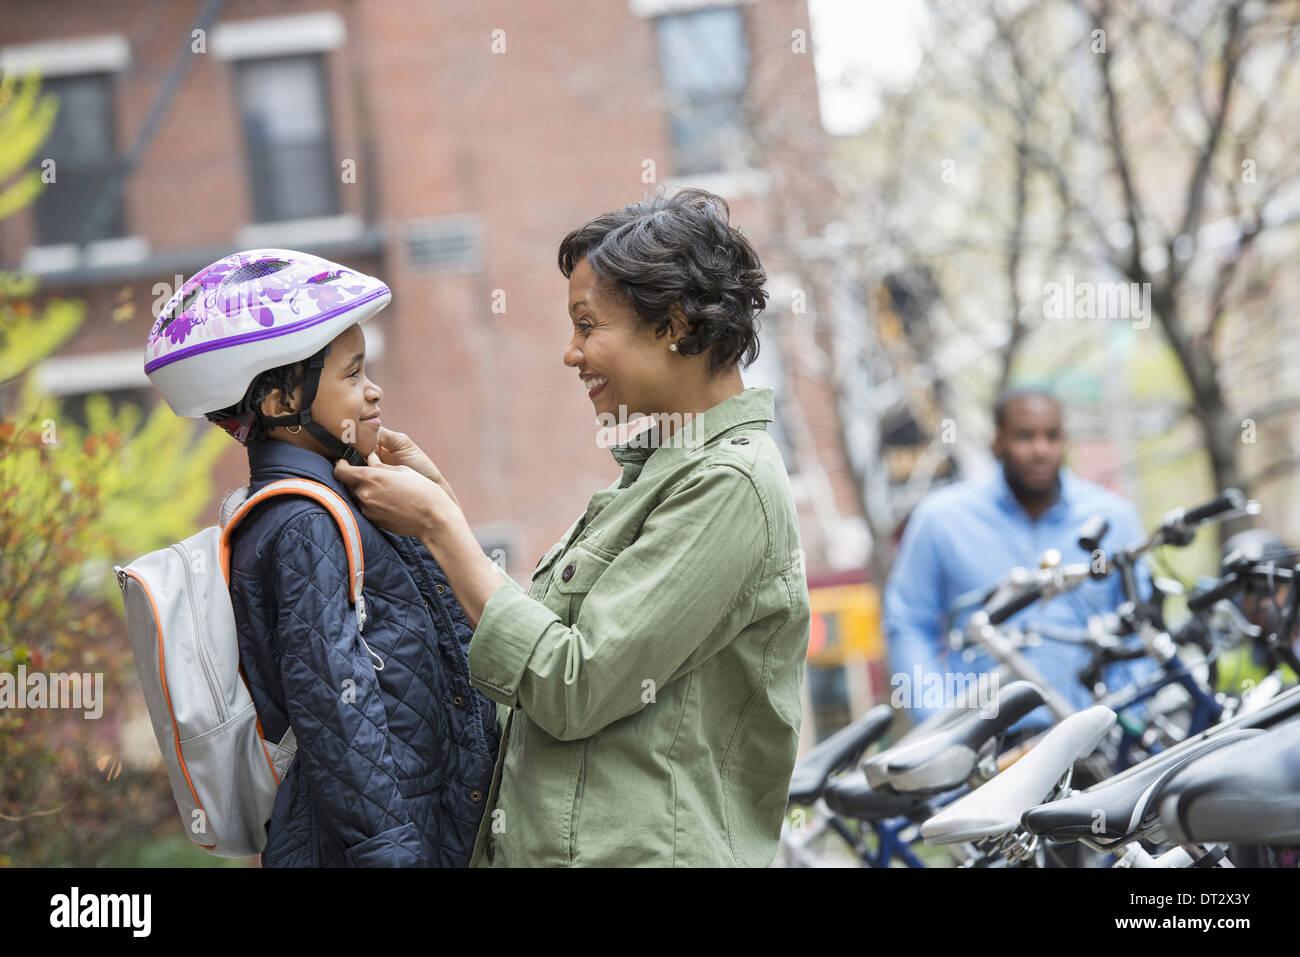 Un garçon dans un casque de vélo étant fixé par sa mère à côté d'un support à bicyclettes Photo Stock